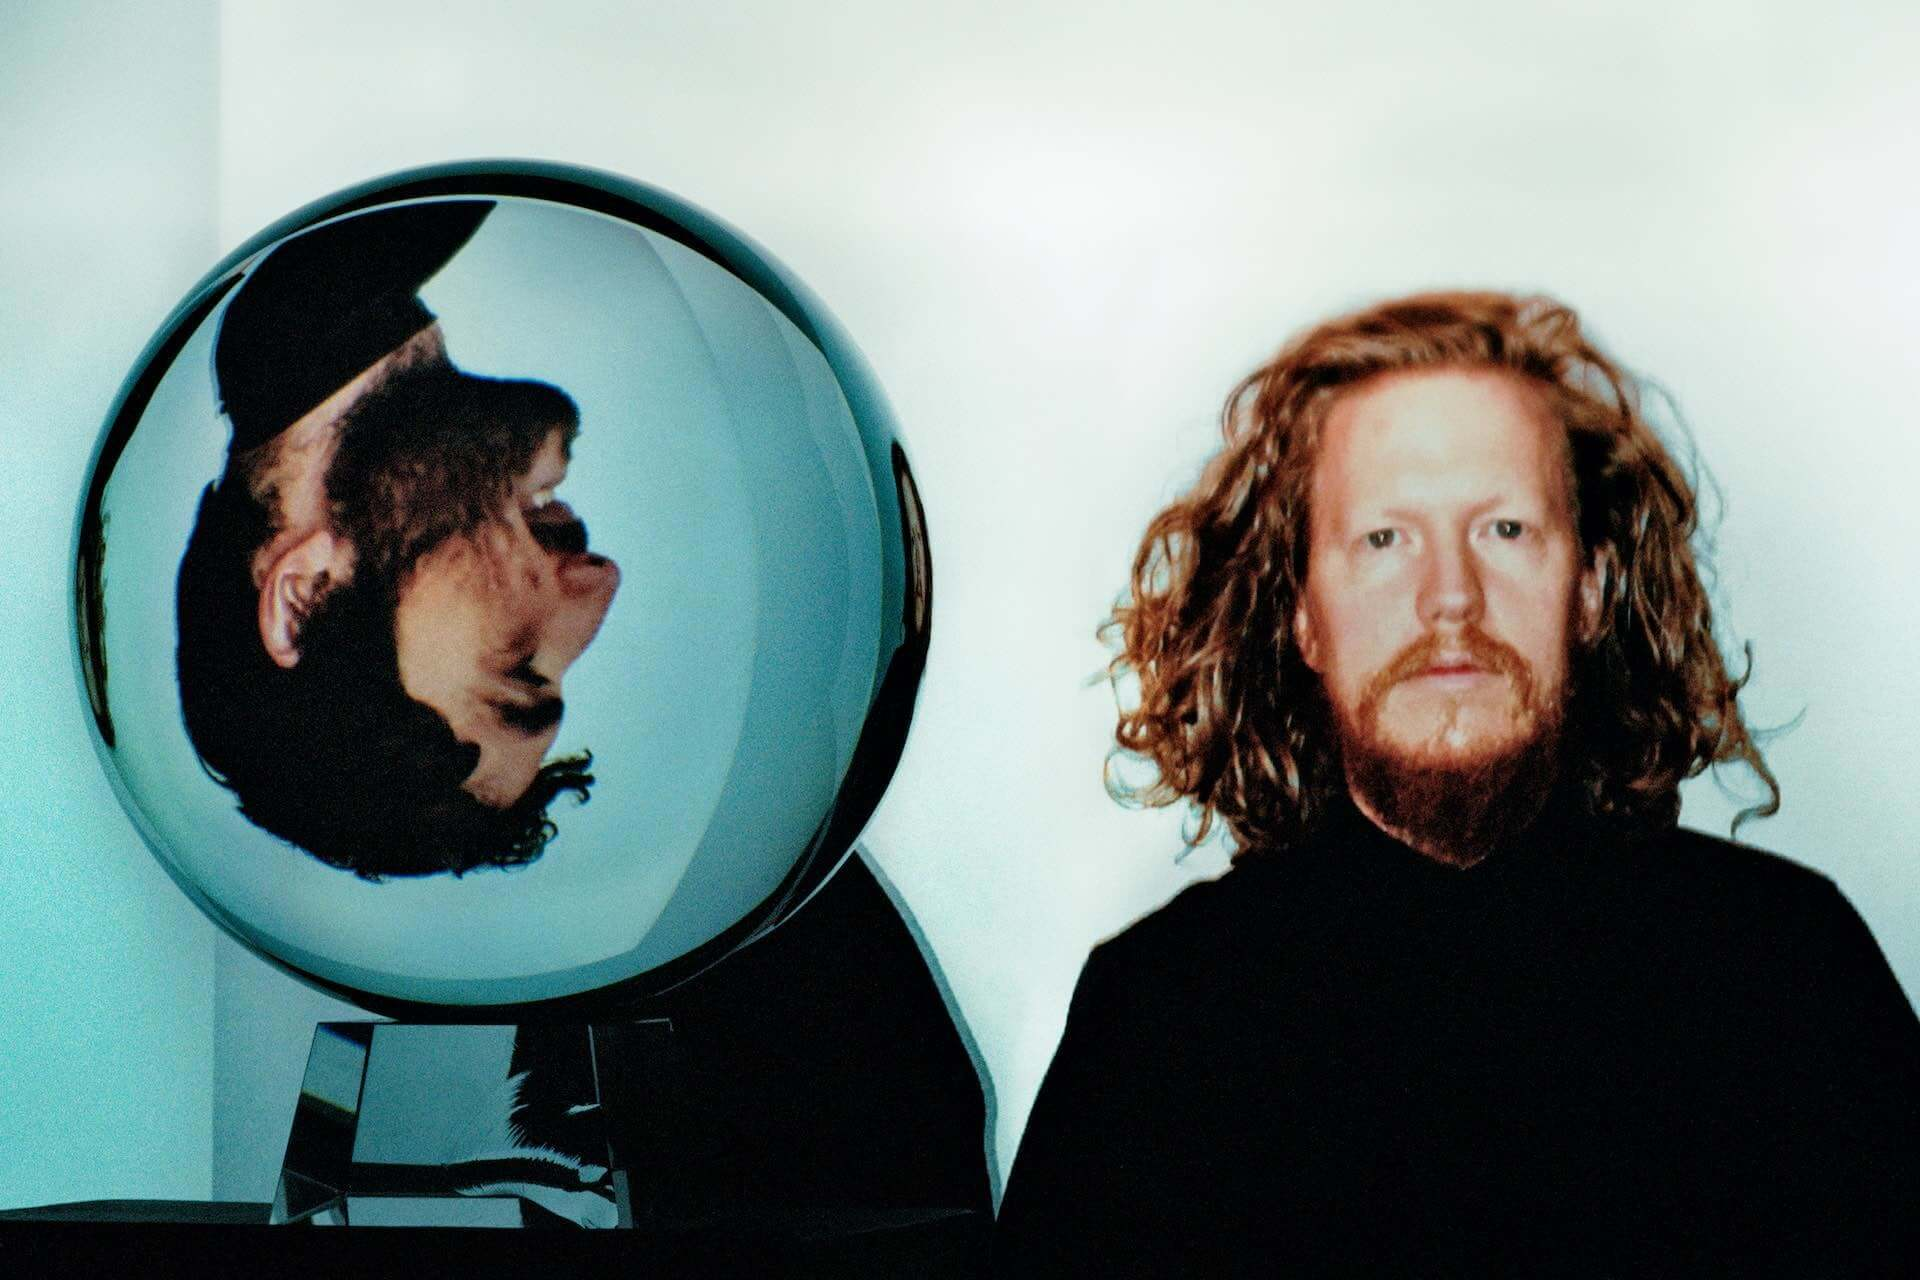 """Nicolas JaarとDave Harringtonによるデュオ・Darksideが7年ぶりの新曲""""Liberty Bell""""を公開!最新アルバムは来年春に〈Matador〉よりリリース music201222_darkside_2-1920x1280"""